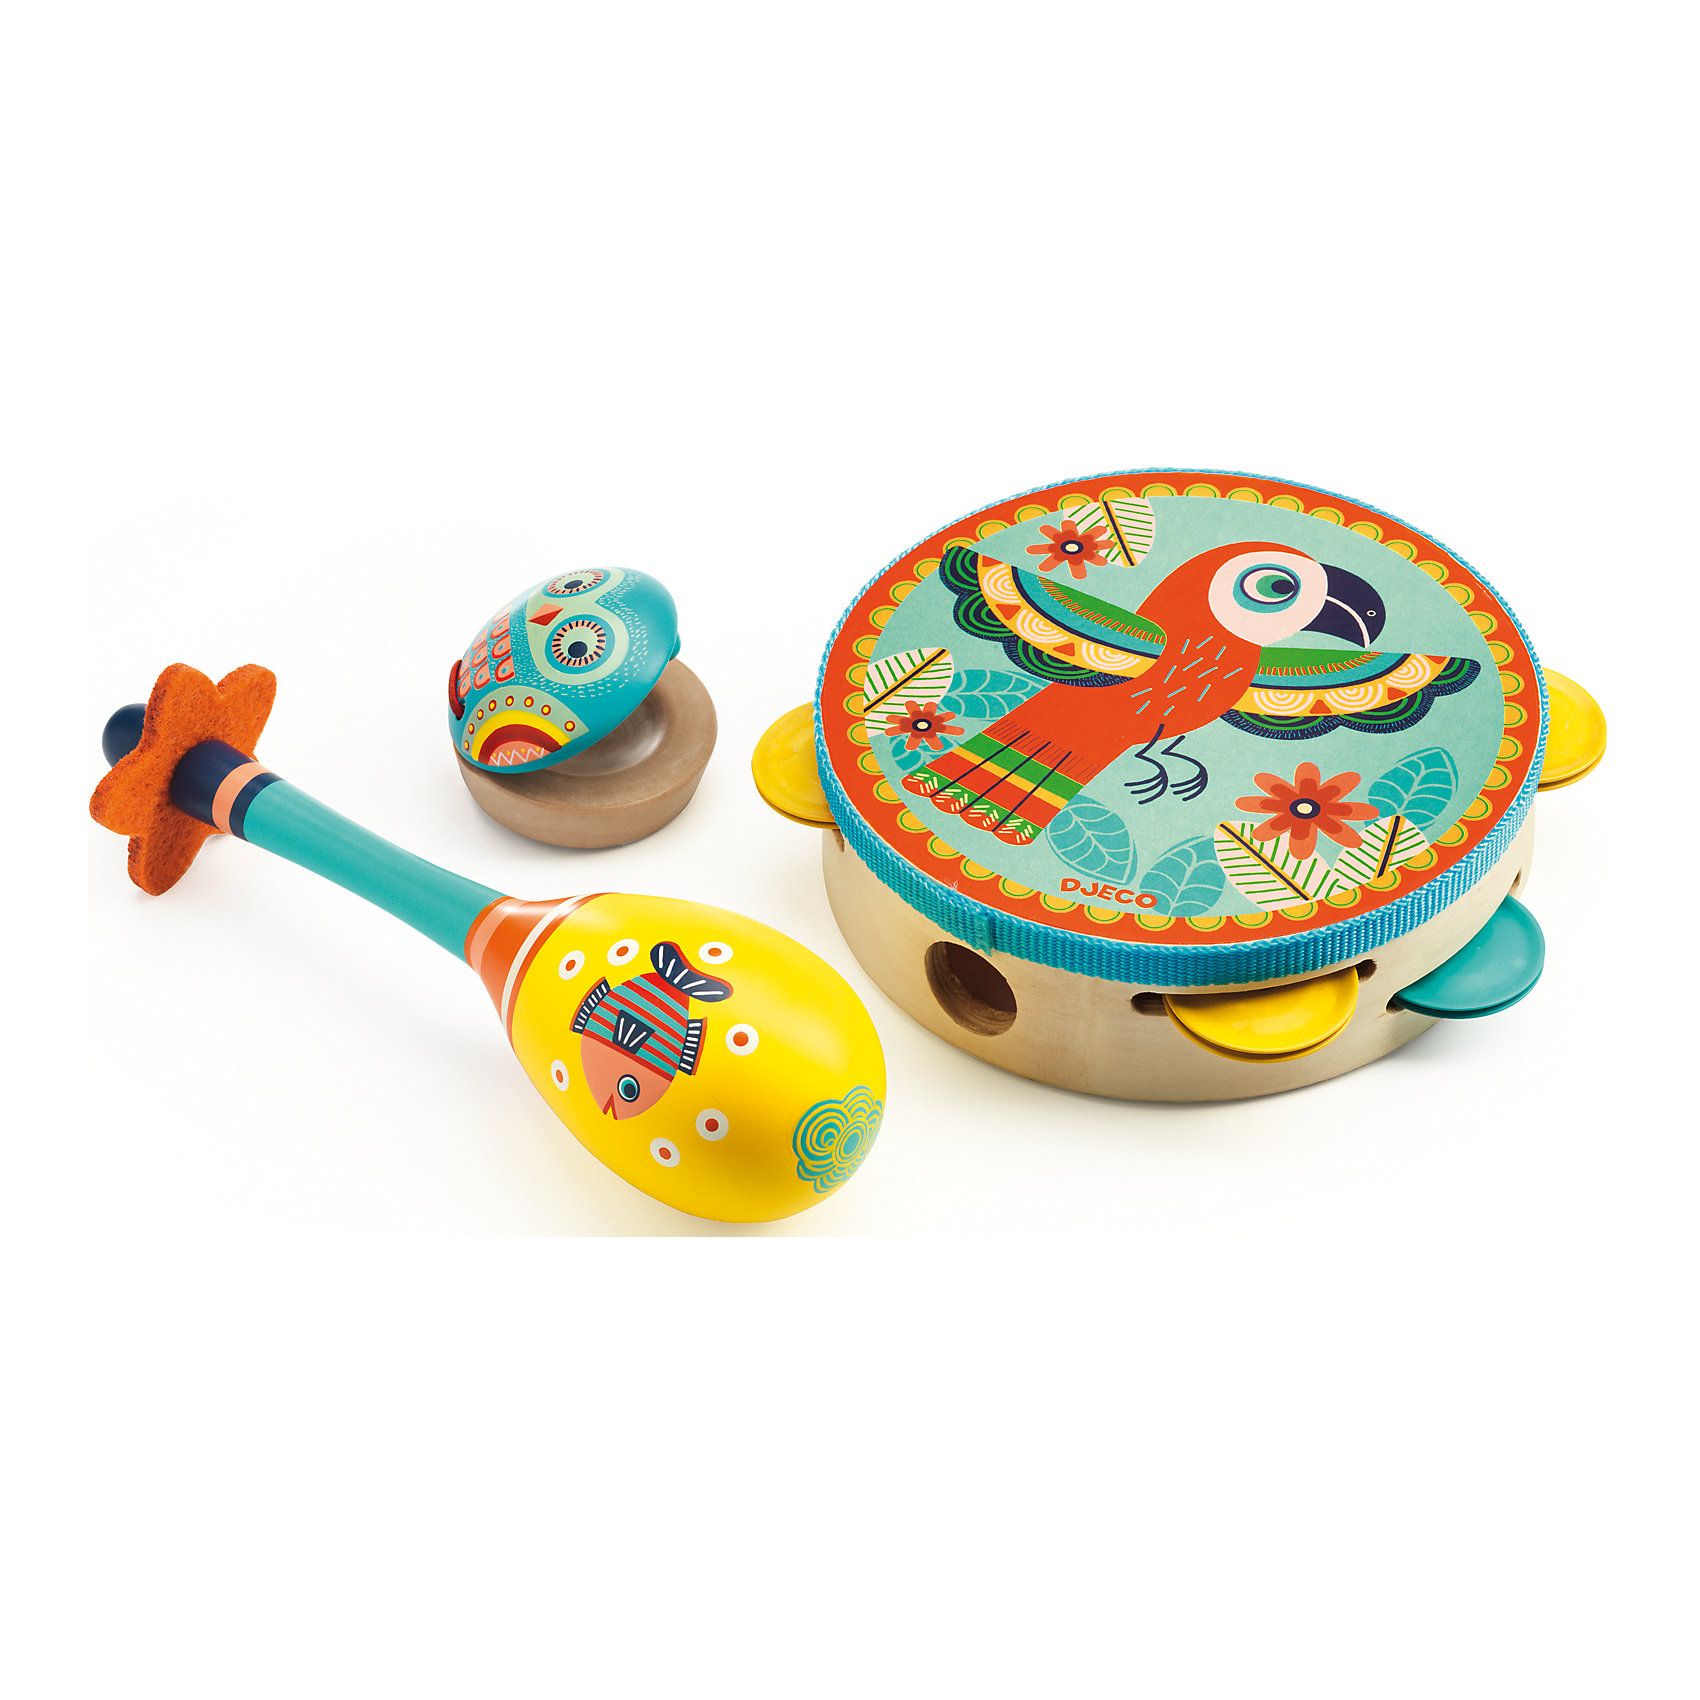 Набор музыкальных инструментов, DJECOНабор музыкальных инструментов от французского производителя Djeco – великолепный набор, состоящий из маракаса, кастаньет и бубна, с помощью которого ребенок будет развивать свои творческие и музыкальные способности. <br><br>Все инструменты в наборе очень яркие и красочные. На их корпусе изображены забавные животные, а также различные орнаменты и узоры. На этих инструментах можно играть как в одиночку, так и в компании, создав свой собственный импровизированный мини-оркестр! <br><br>Игра на детских музыкальных инструментах прекрасно развивает музыкальный слух, творческие способности малыша, координацию движений и детскую моторику.<br><br>Ширина мм: 310<br>Глубина мм: 170<br>Высота мм: 60<br>Вес г: 600<br>Возраст от месяцев: 36<br>Возраст до месяцев: 1188<br>Пол: Унисекс<br>Возраст: Детский<br>SKU: 4761456